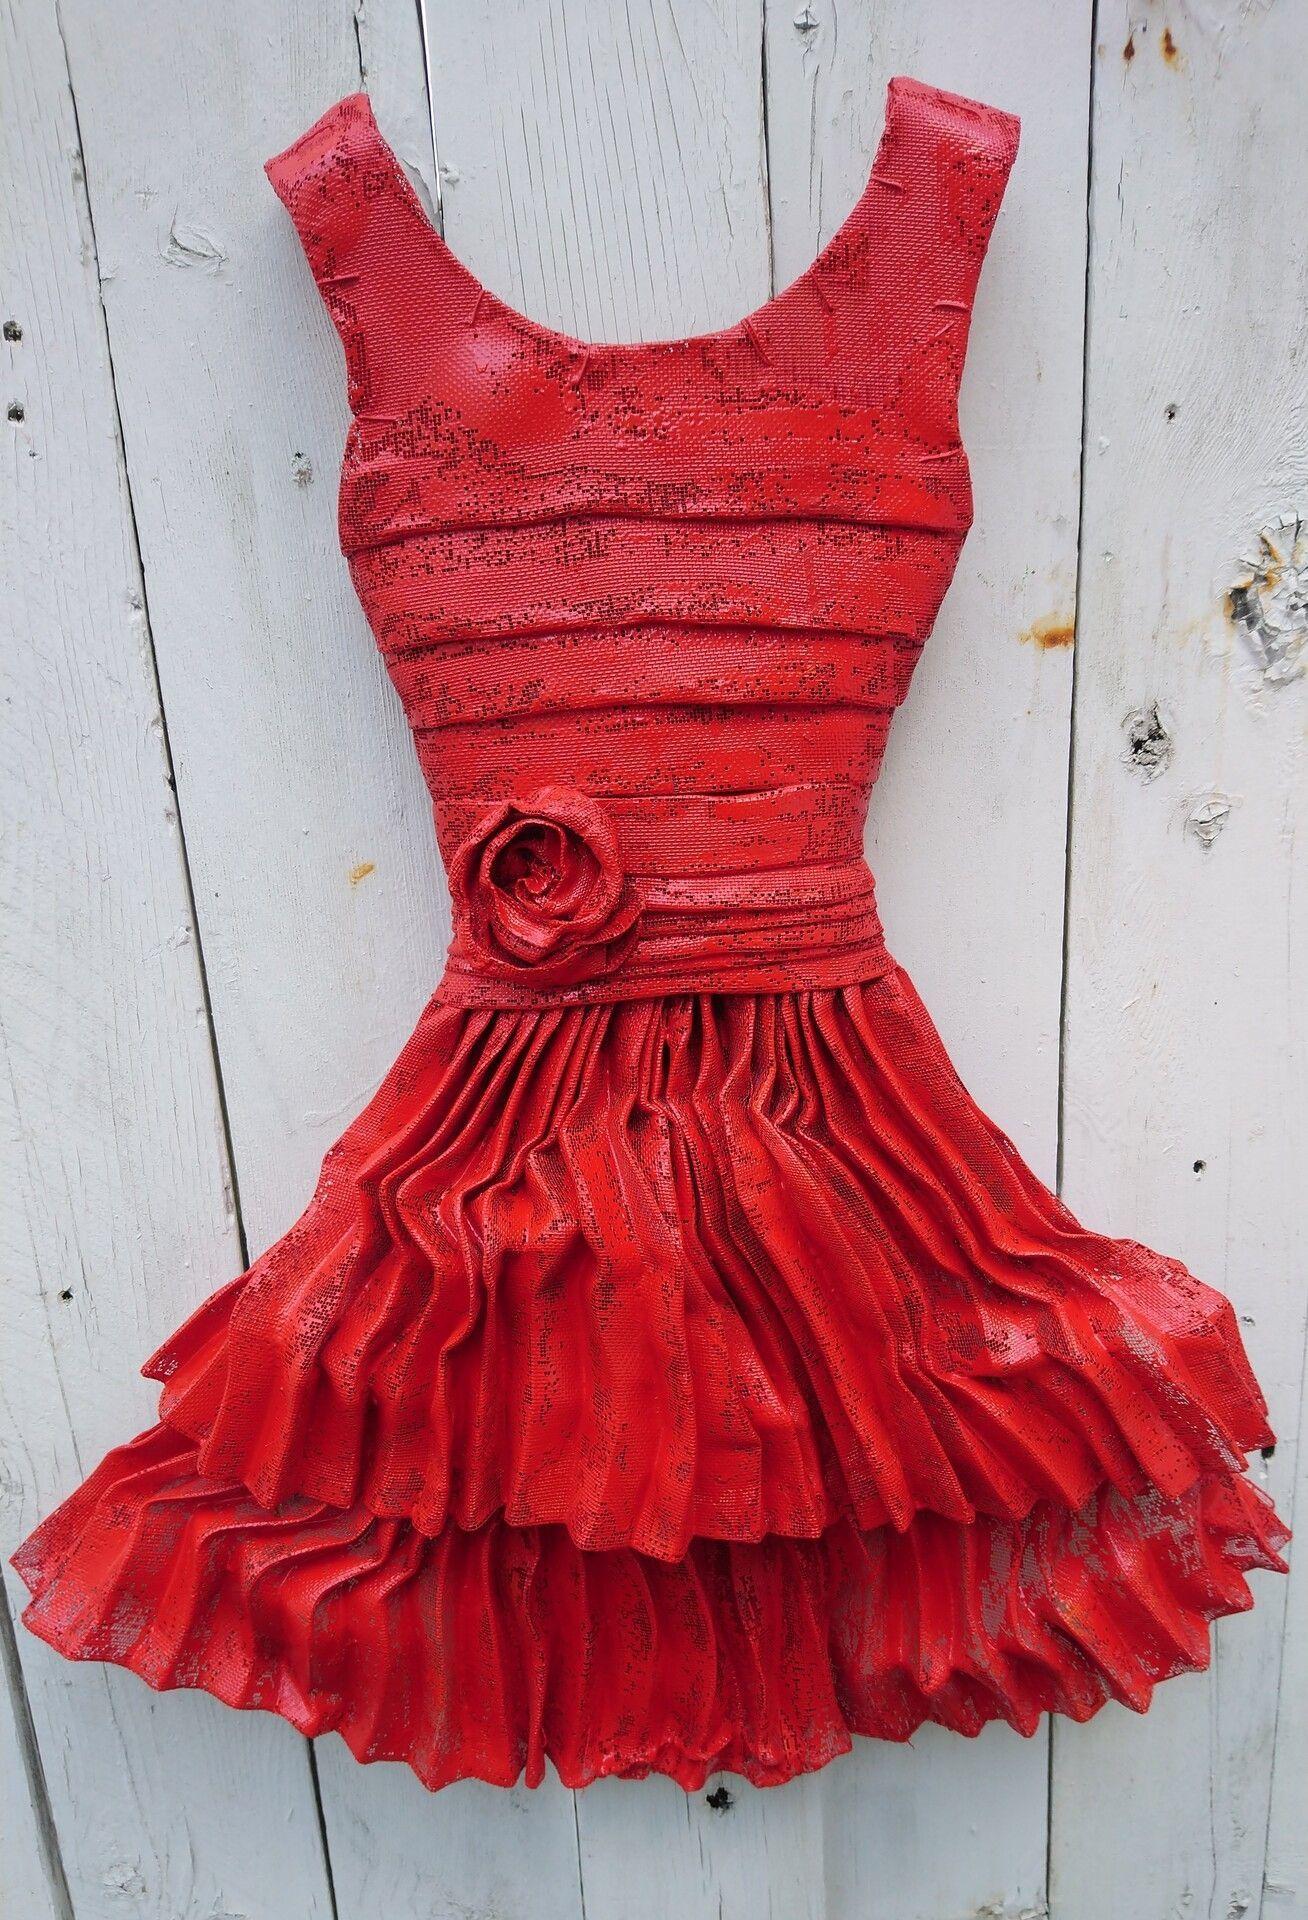 Red Dancing Dress